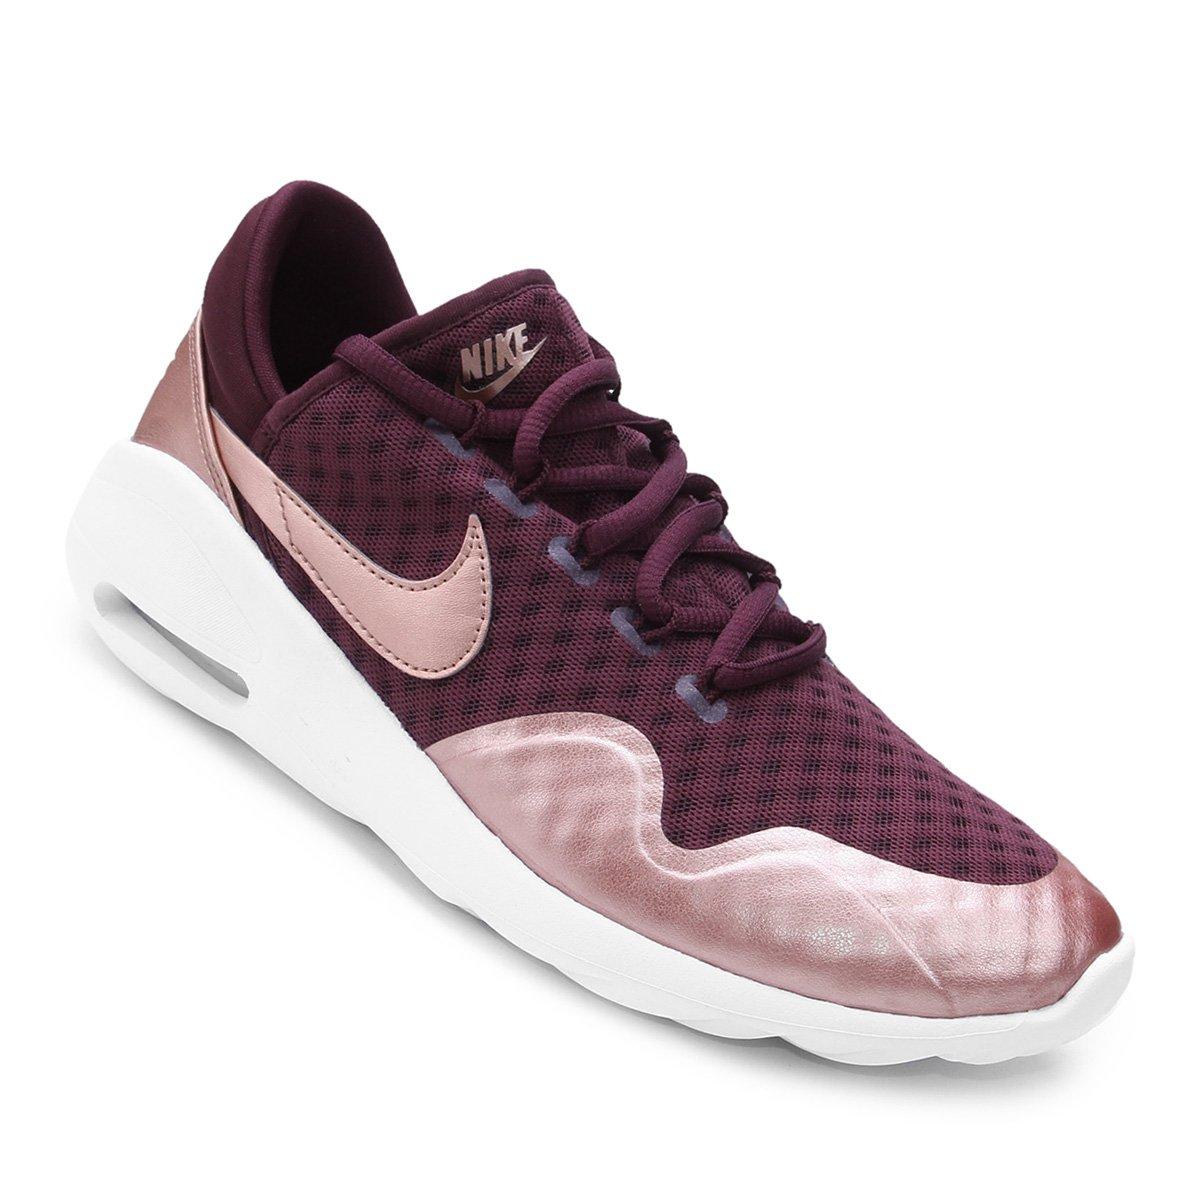 Tênis Nike Air Max Sasha Feminino - Vinho - Compre Agora   Shop Timão 1fde9e1594